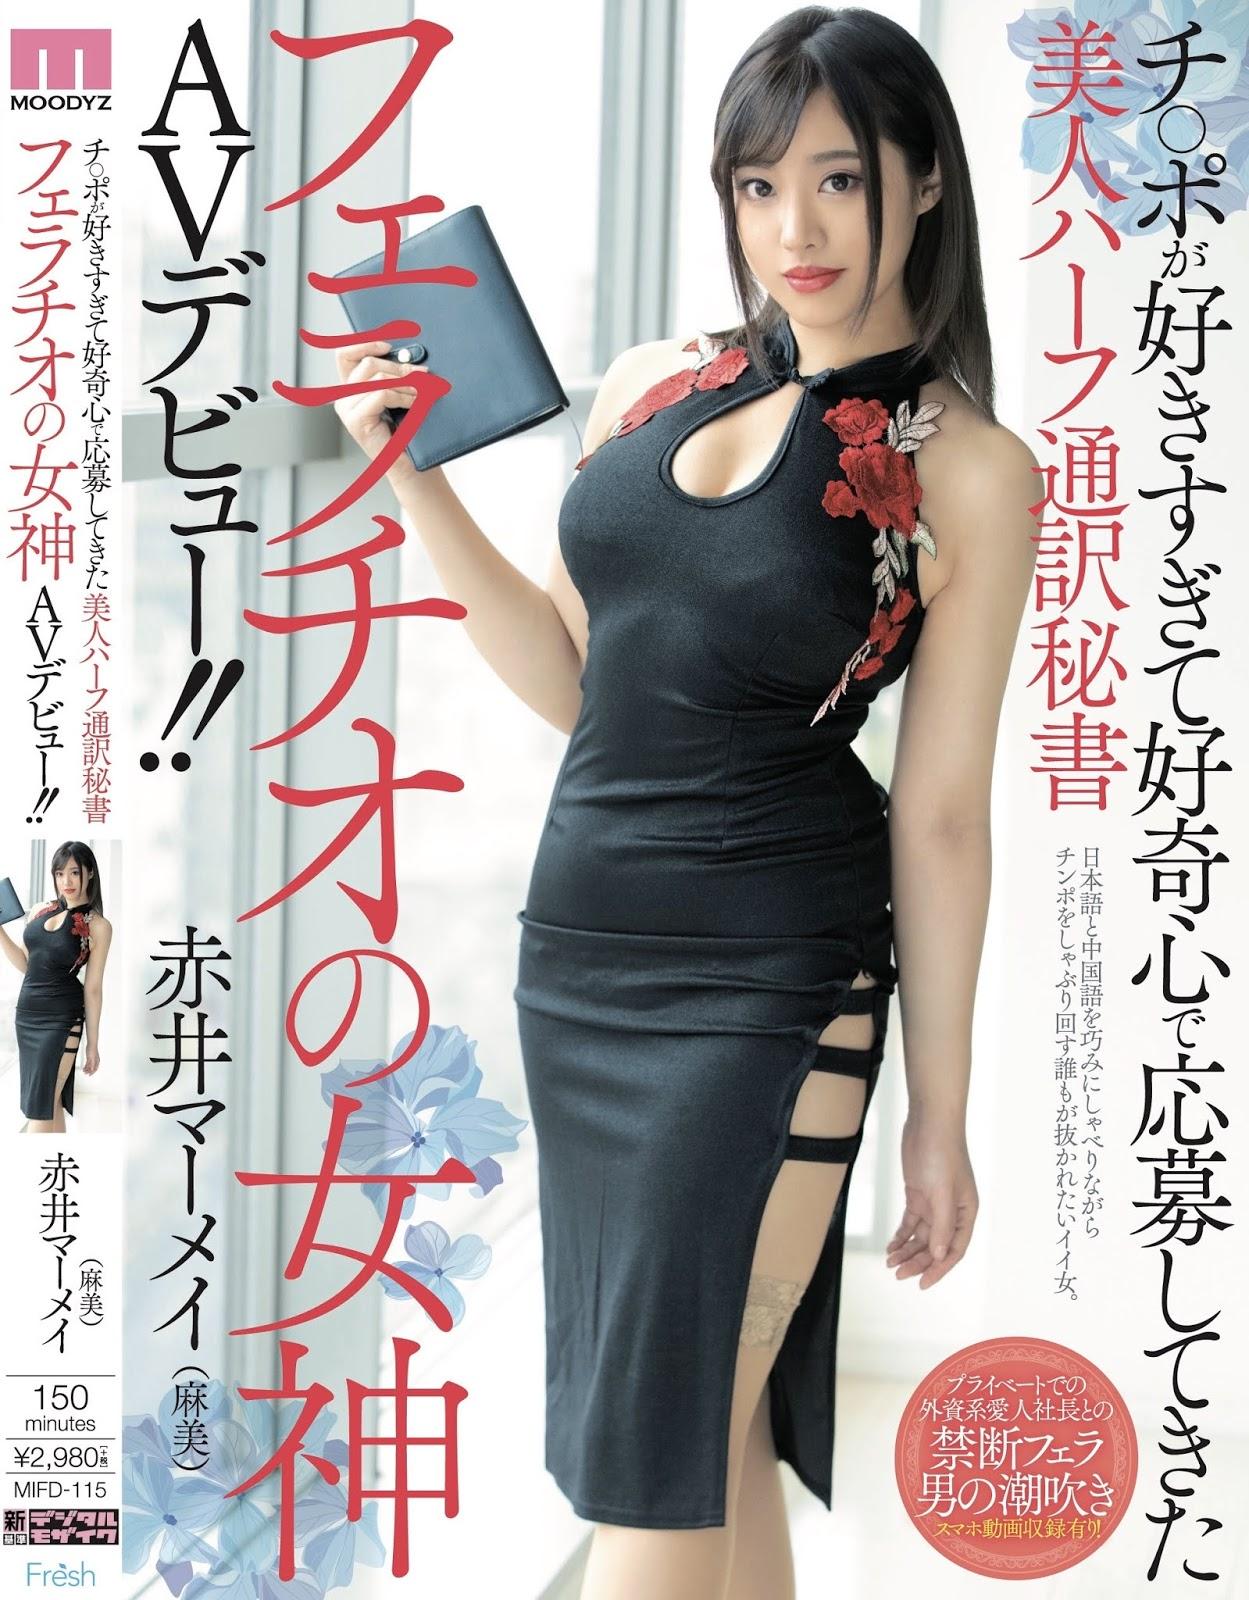 หนังAV MIFD-115  Akai-Mamei  チ○ポが好きすぎて好奇心で応募してきた美人ハーフ通訳秘書フェラチオの女神AVデビュー!! PWD aoxx69